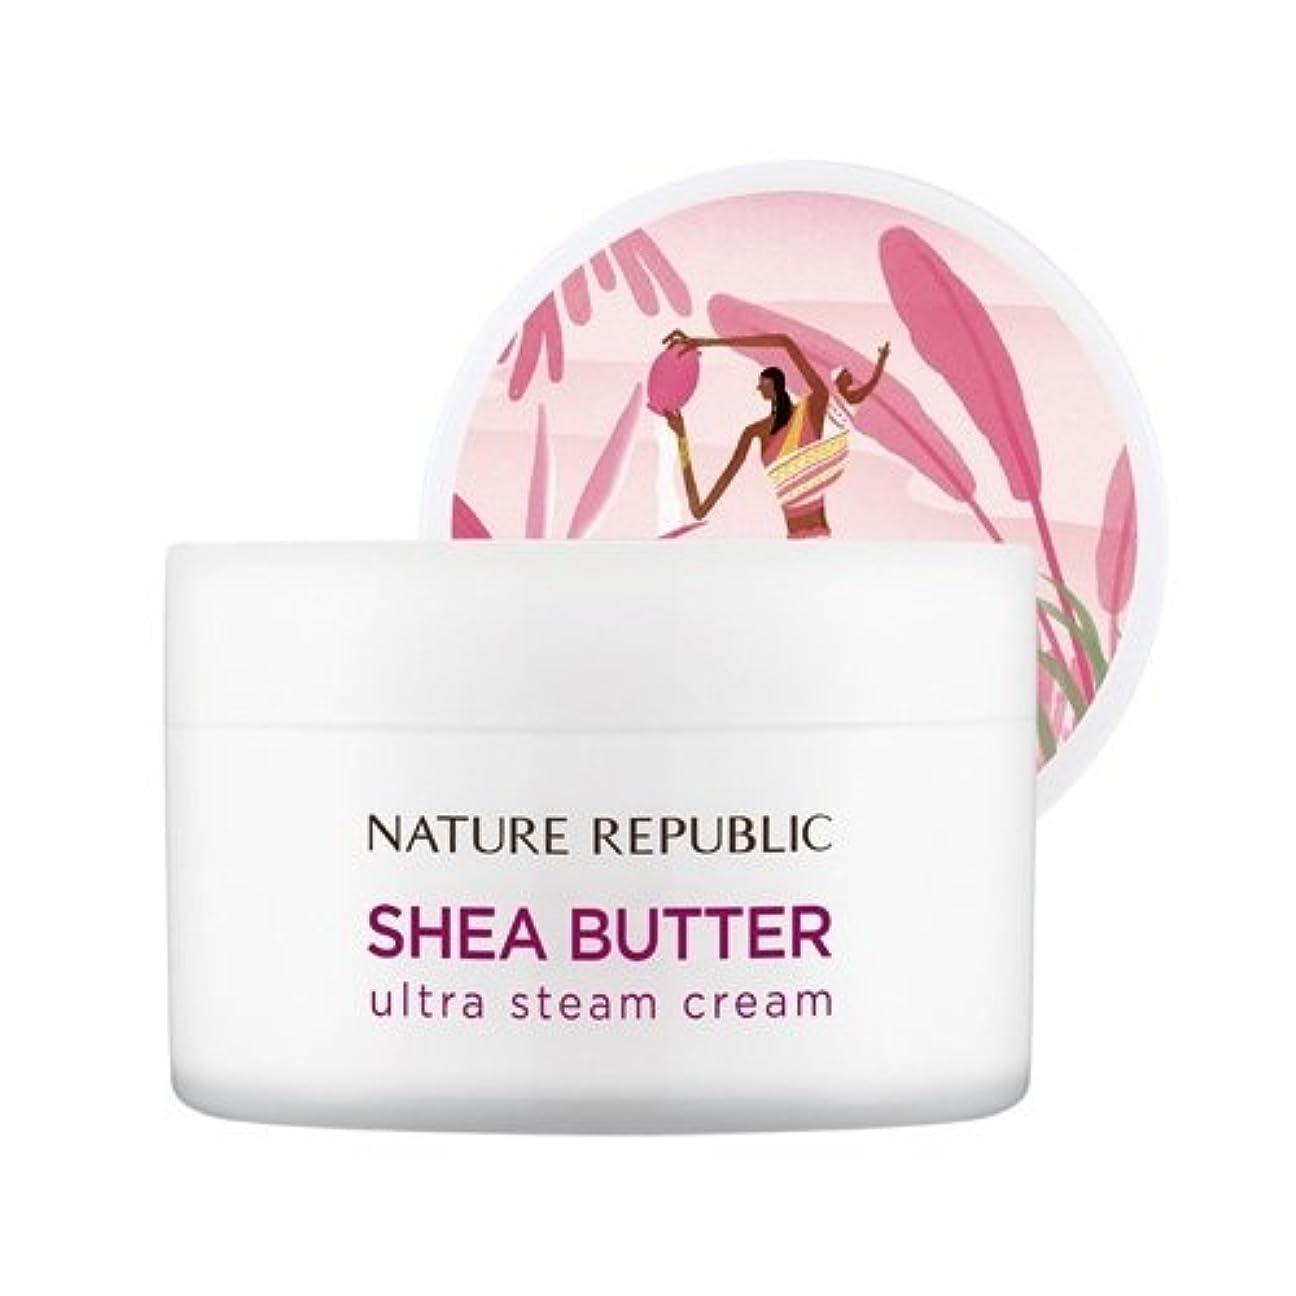 特定の論争抑止するNATURE REPUBLIC(ネイチャーリパブリック) SHEA BUTTER STEAM CREAM シアバター スチーム クリーム #ウルトラ極乾燥肌